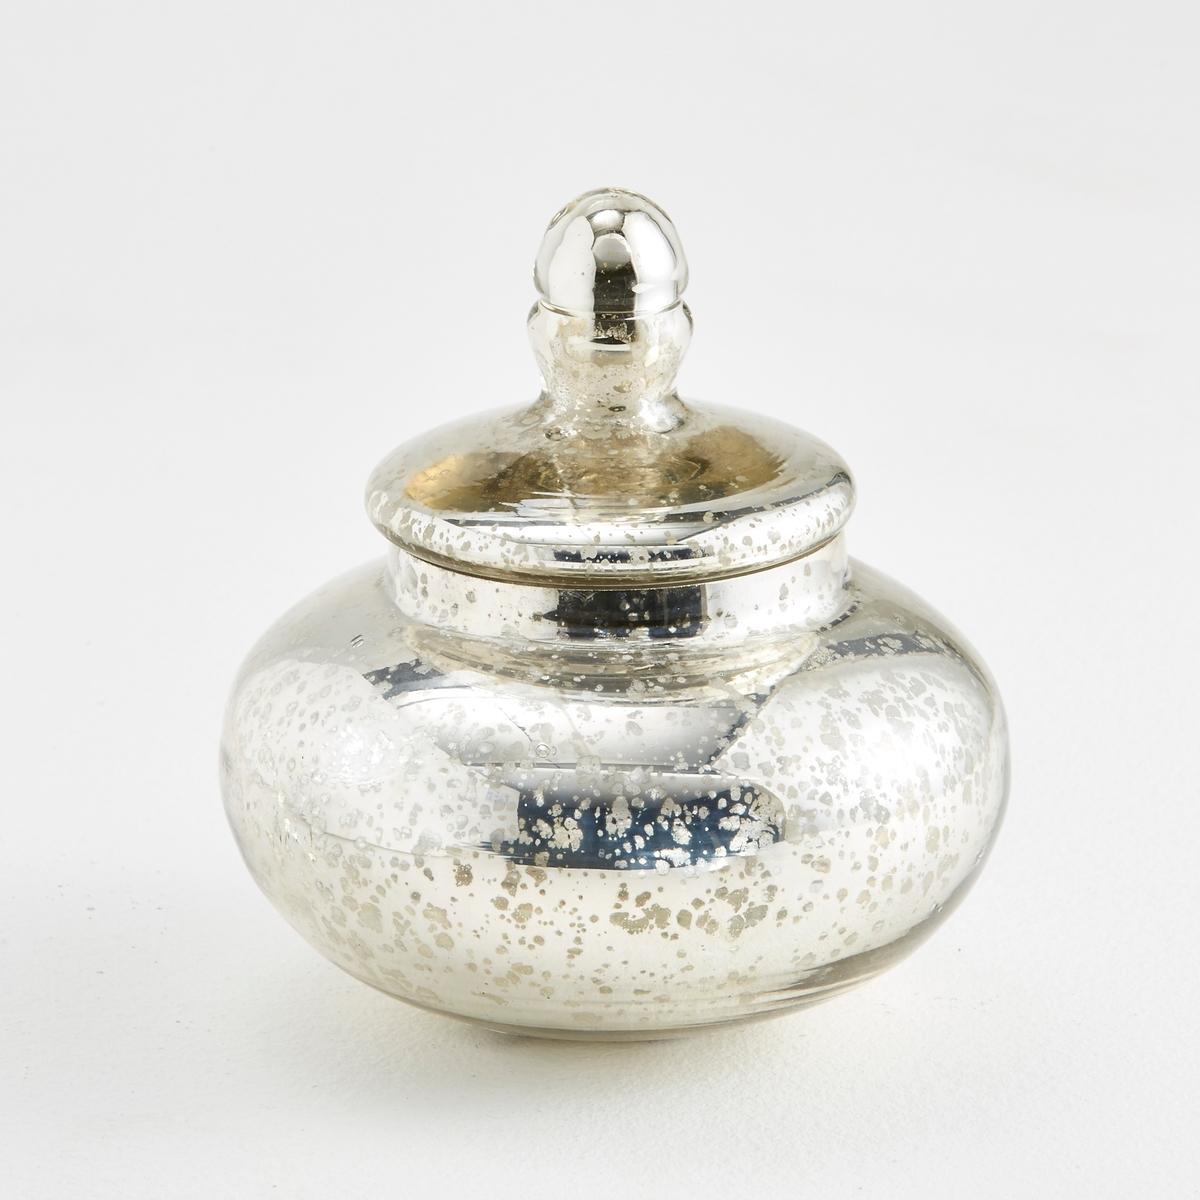 Бутыль декоративная из ртутного стекла , EldaХарактеристики бутыли Elda  :Бутыль из ртутного стекла .Найдите всю коллекцию ваз и декоративных предметов на нашем сайте   ..Размеры бутыли Elda :Высота : 10 смДиаметр : 17,5 см<br><br>Цвет: серый серебристый